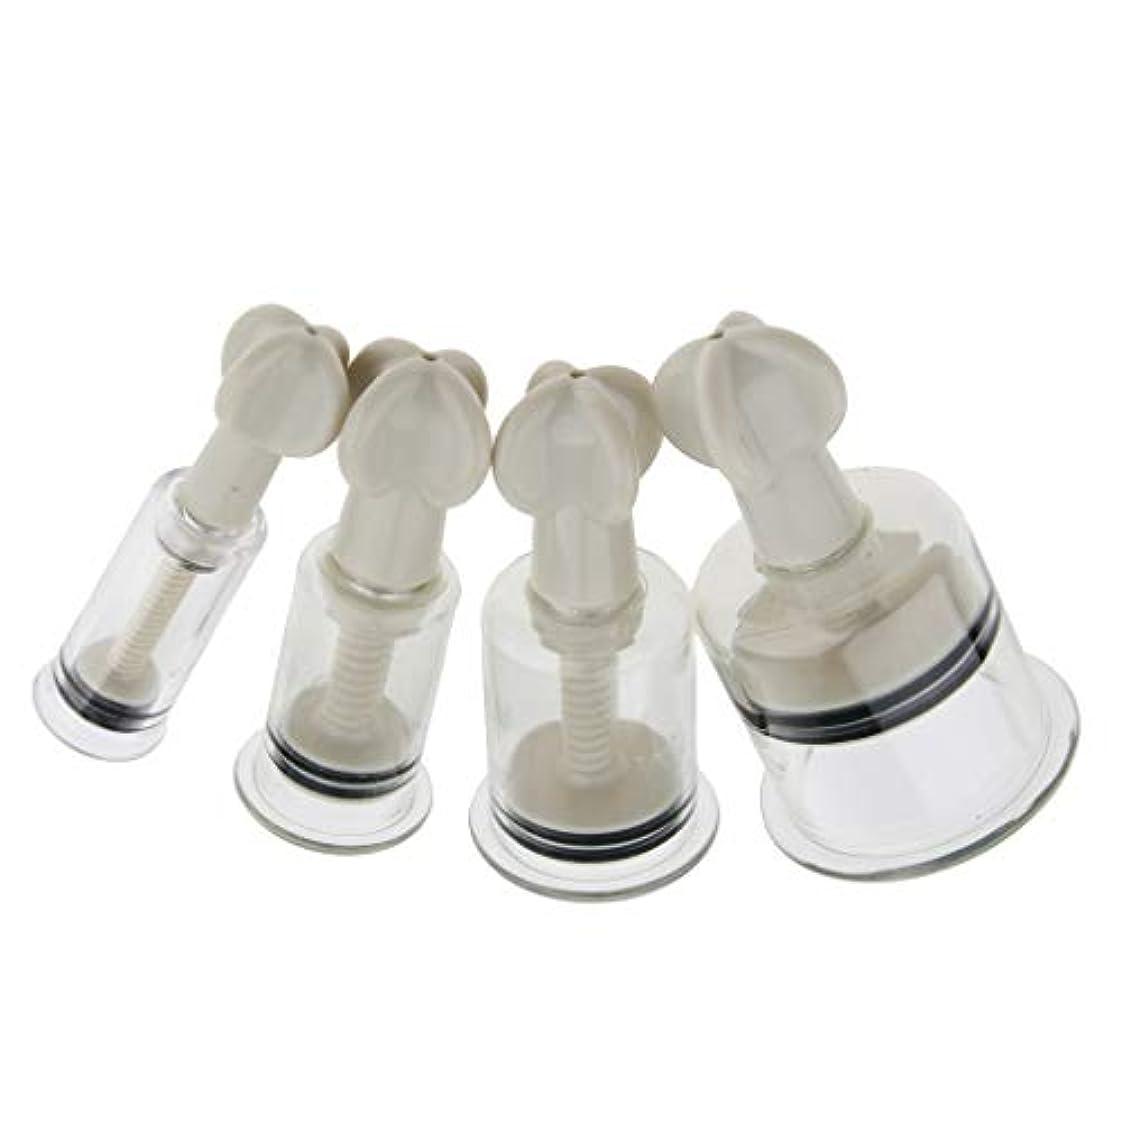 手紙を書くマウンド工業化するdailymall 吸い玉 真空 カッピングセット つぼ押し マッサージカッピング 吸引力 カップ4種類 プラスチック